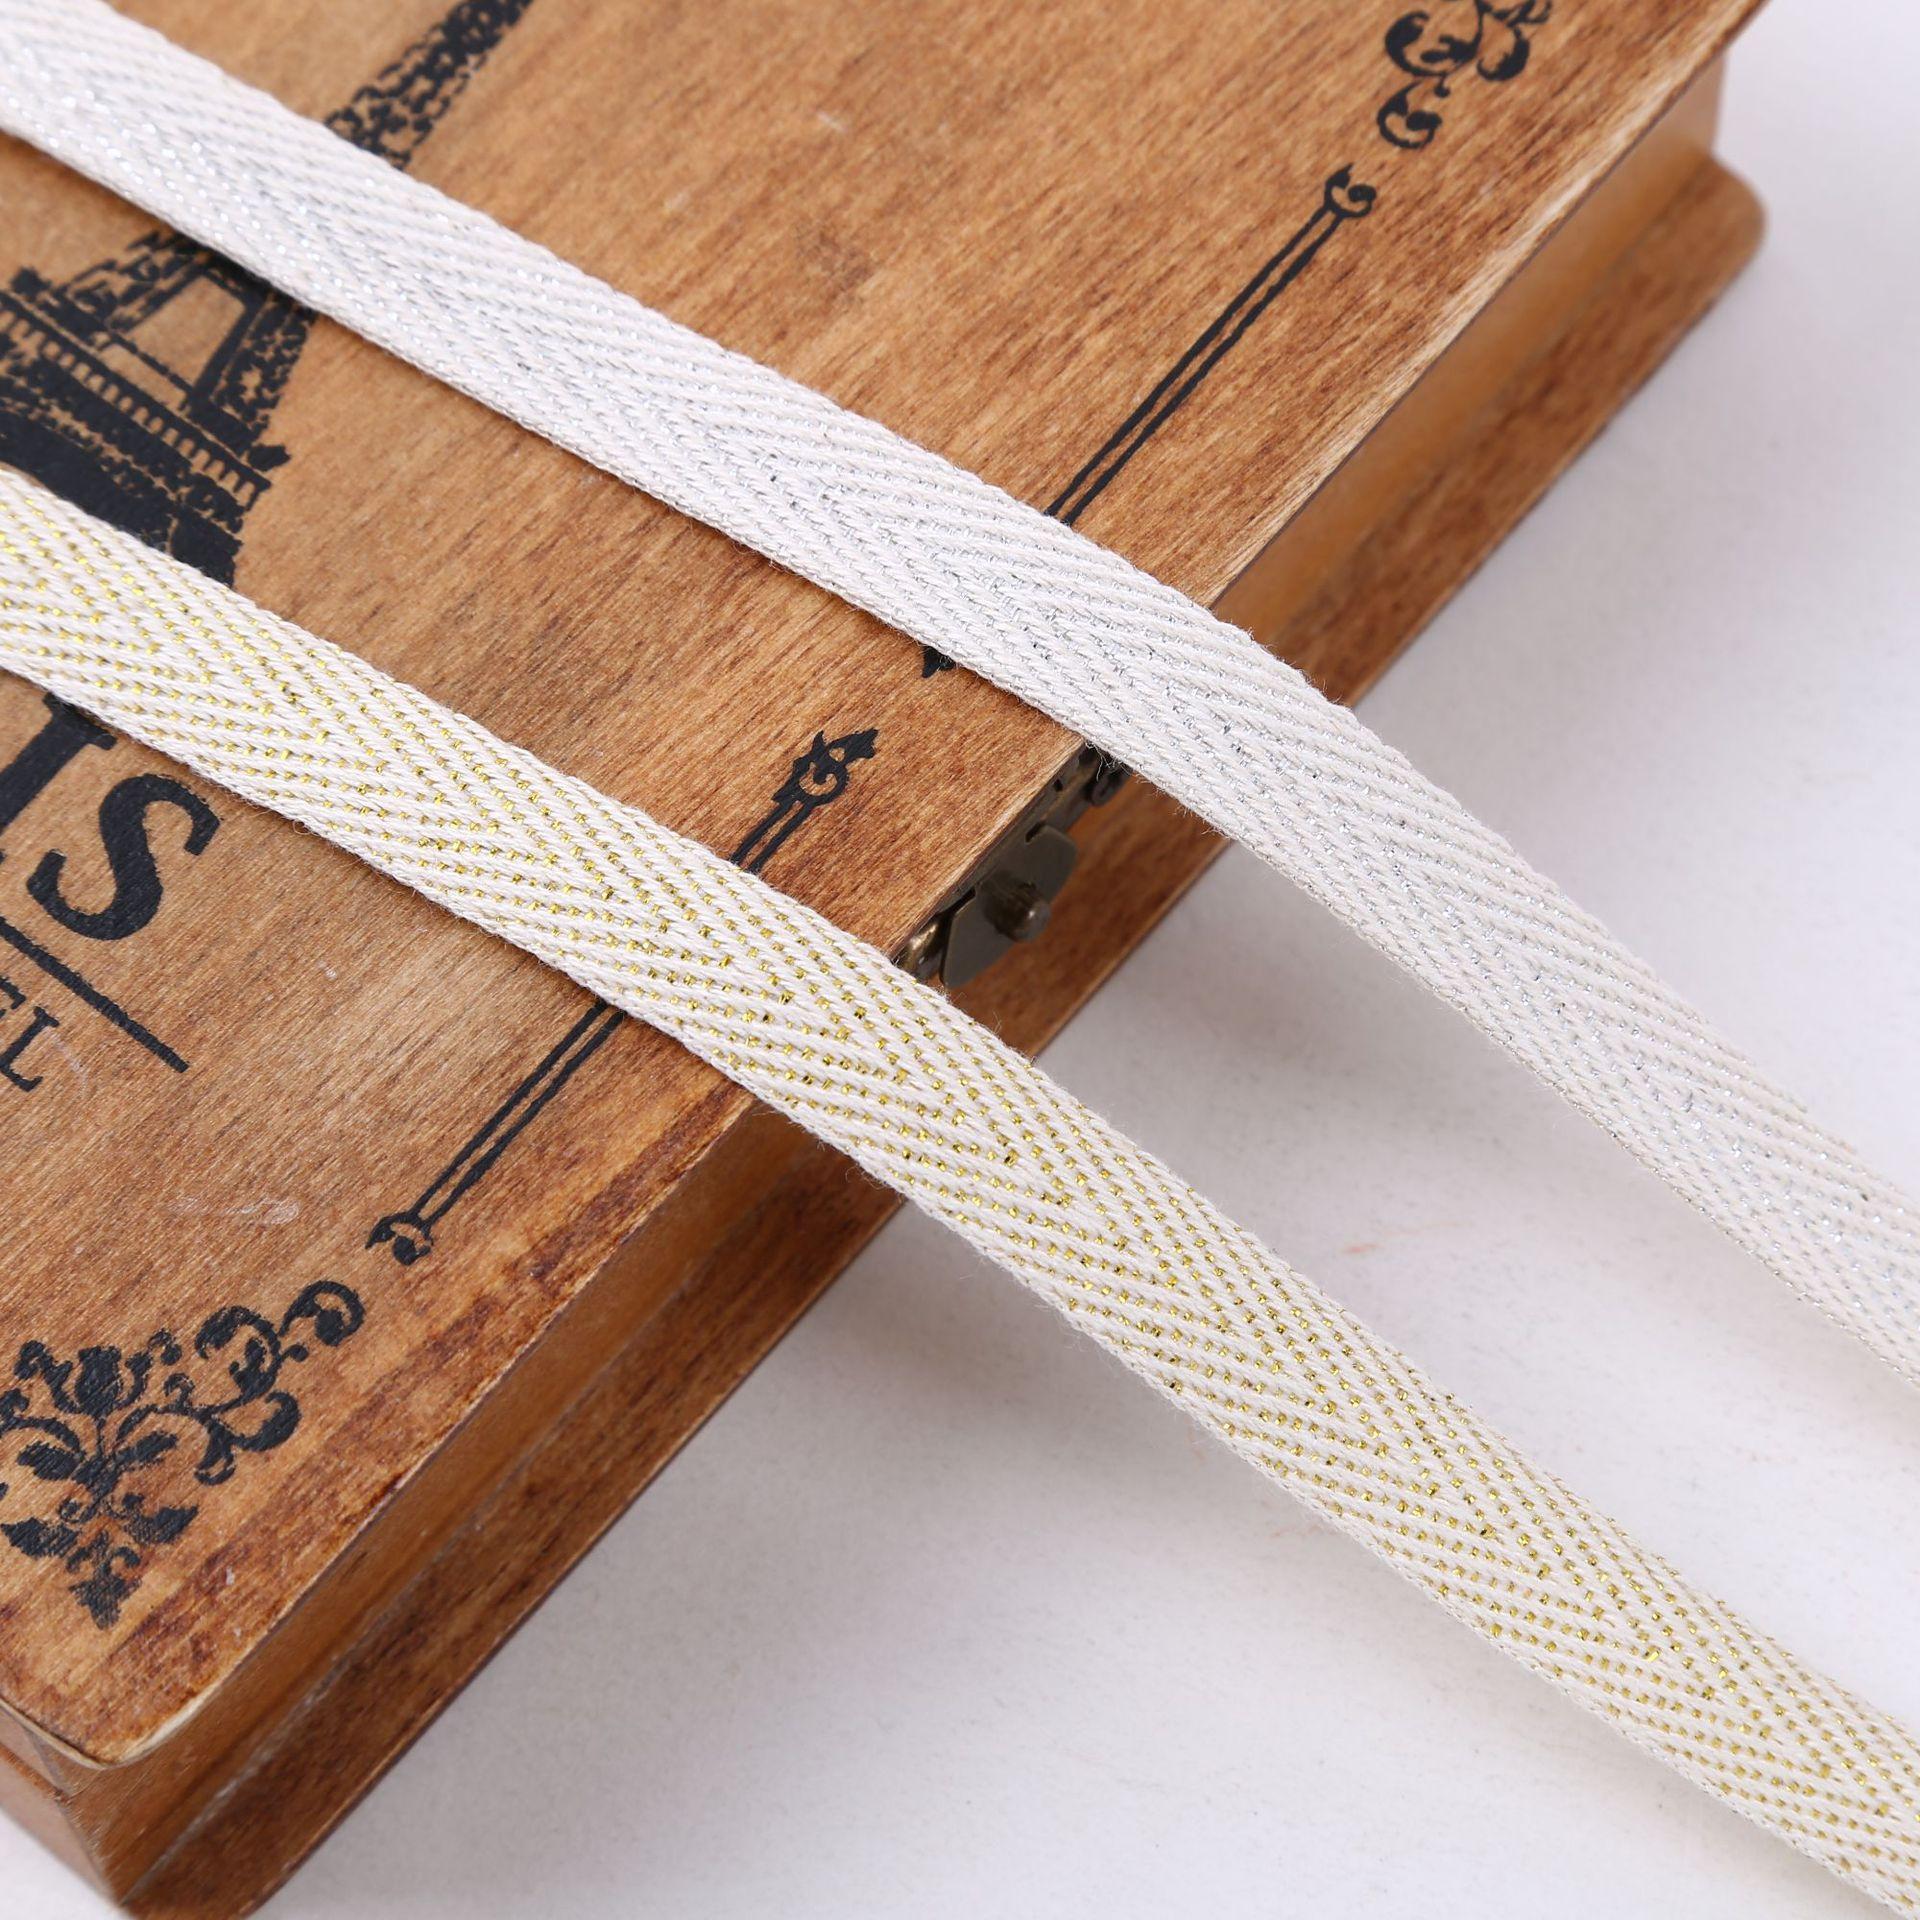 YICHAOREN đai , dây , chỉ Vàng và bạc chủ đề xương cá vành đai bông mềm bé bên vành đai quần áo phụ